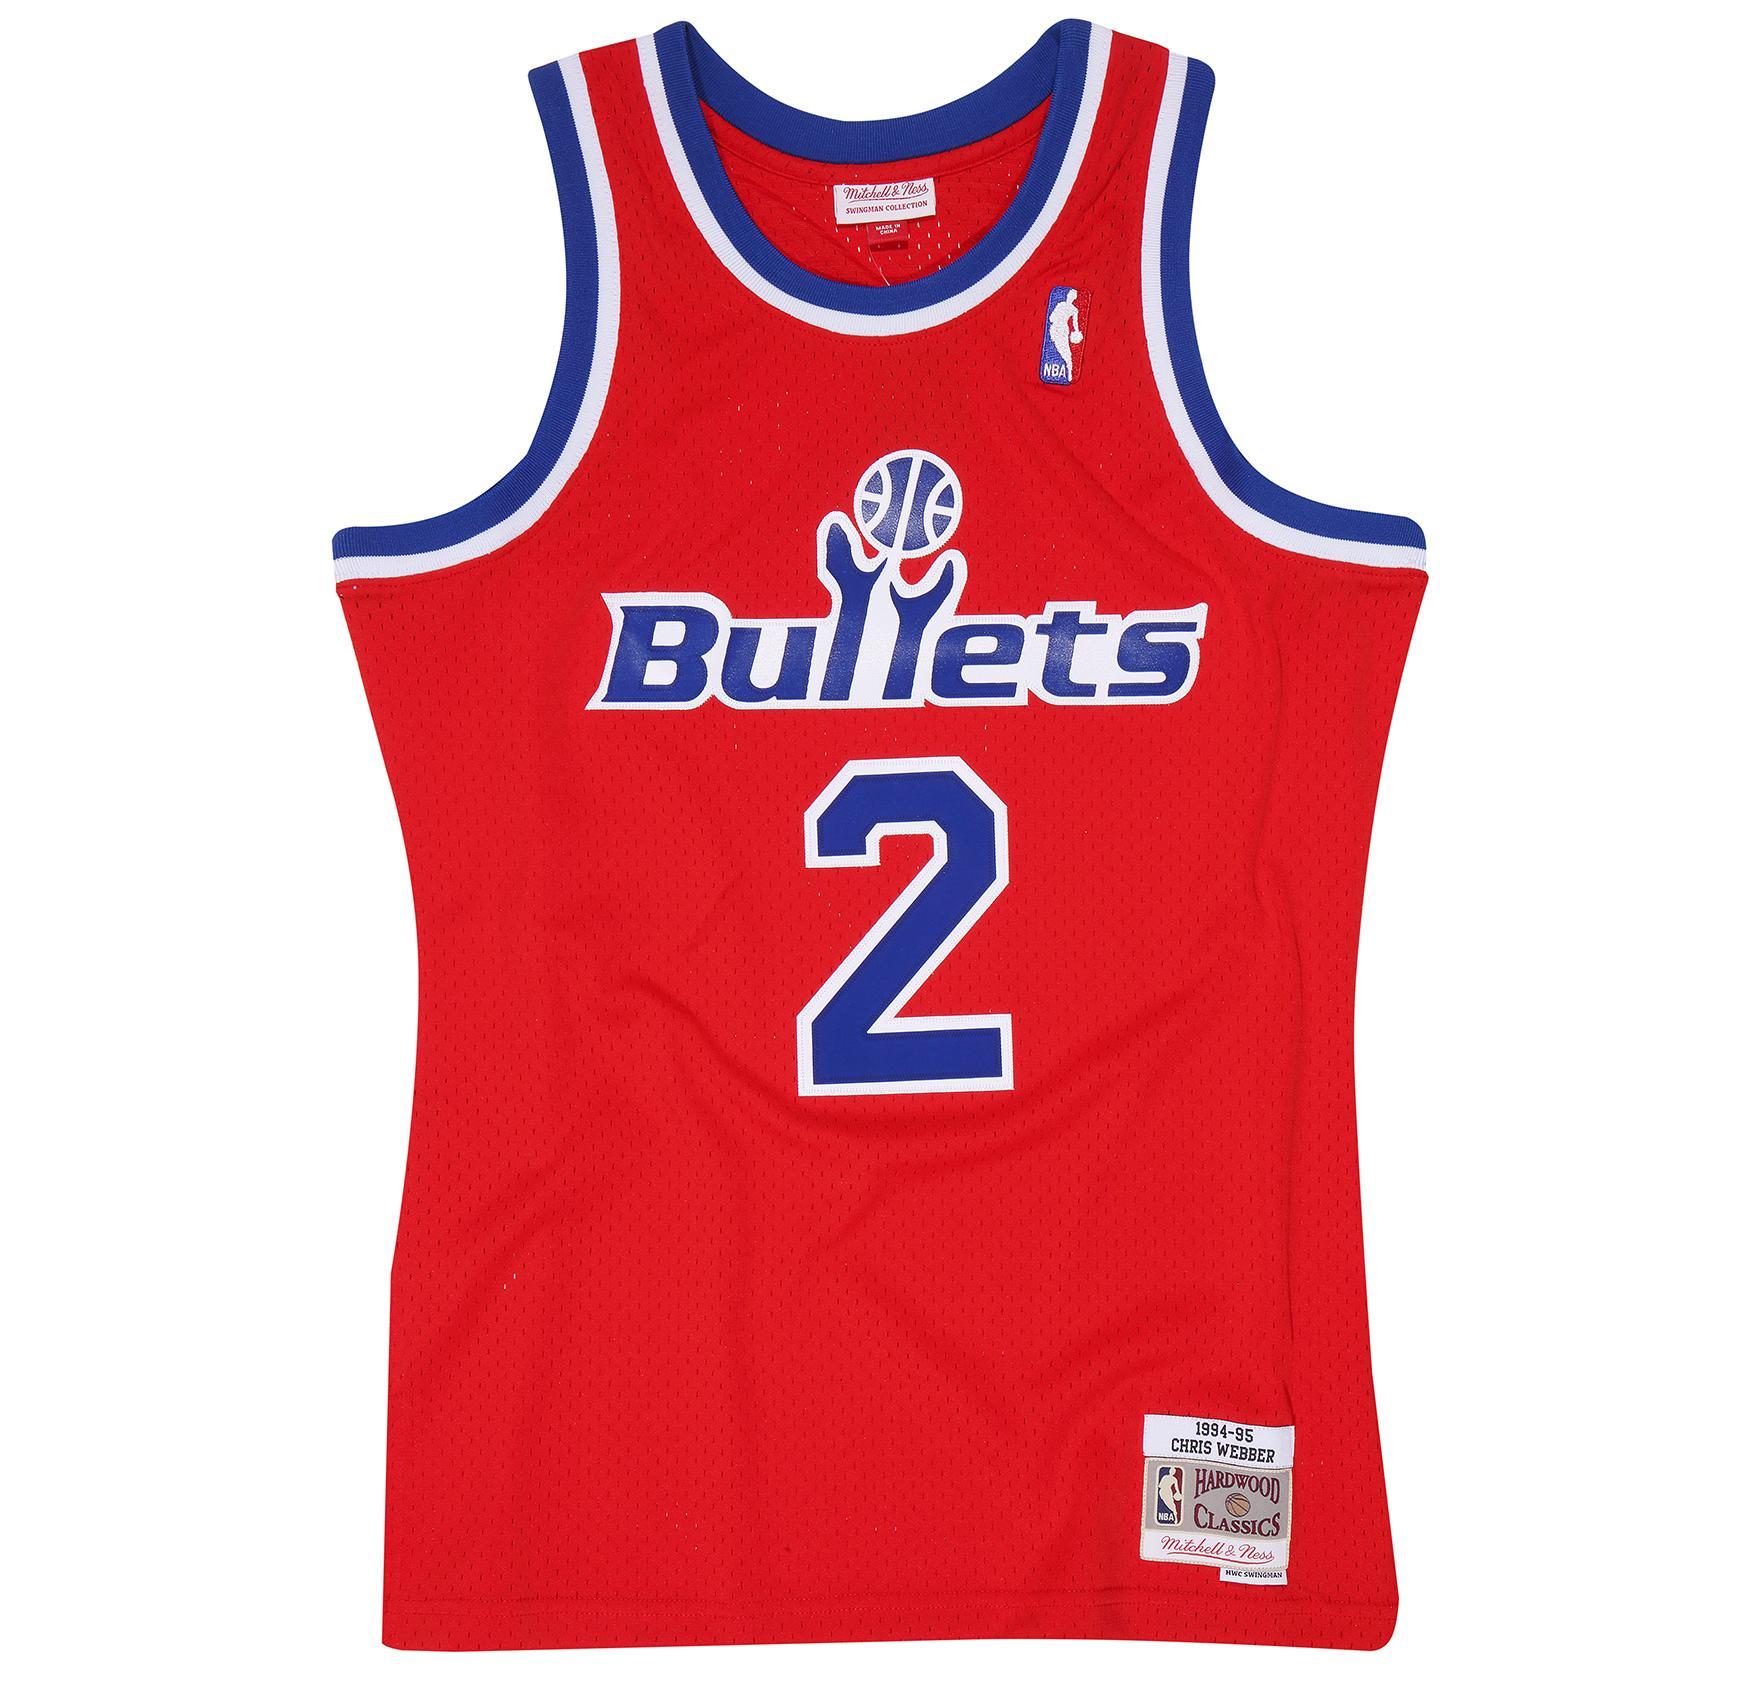 online retailer b5165 75e4c Mitchell & Ness | Chris Webber 1994-95 Road Swingman Jersey